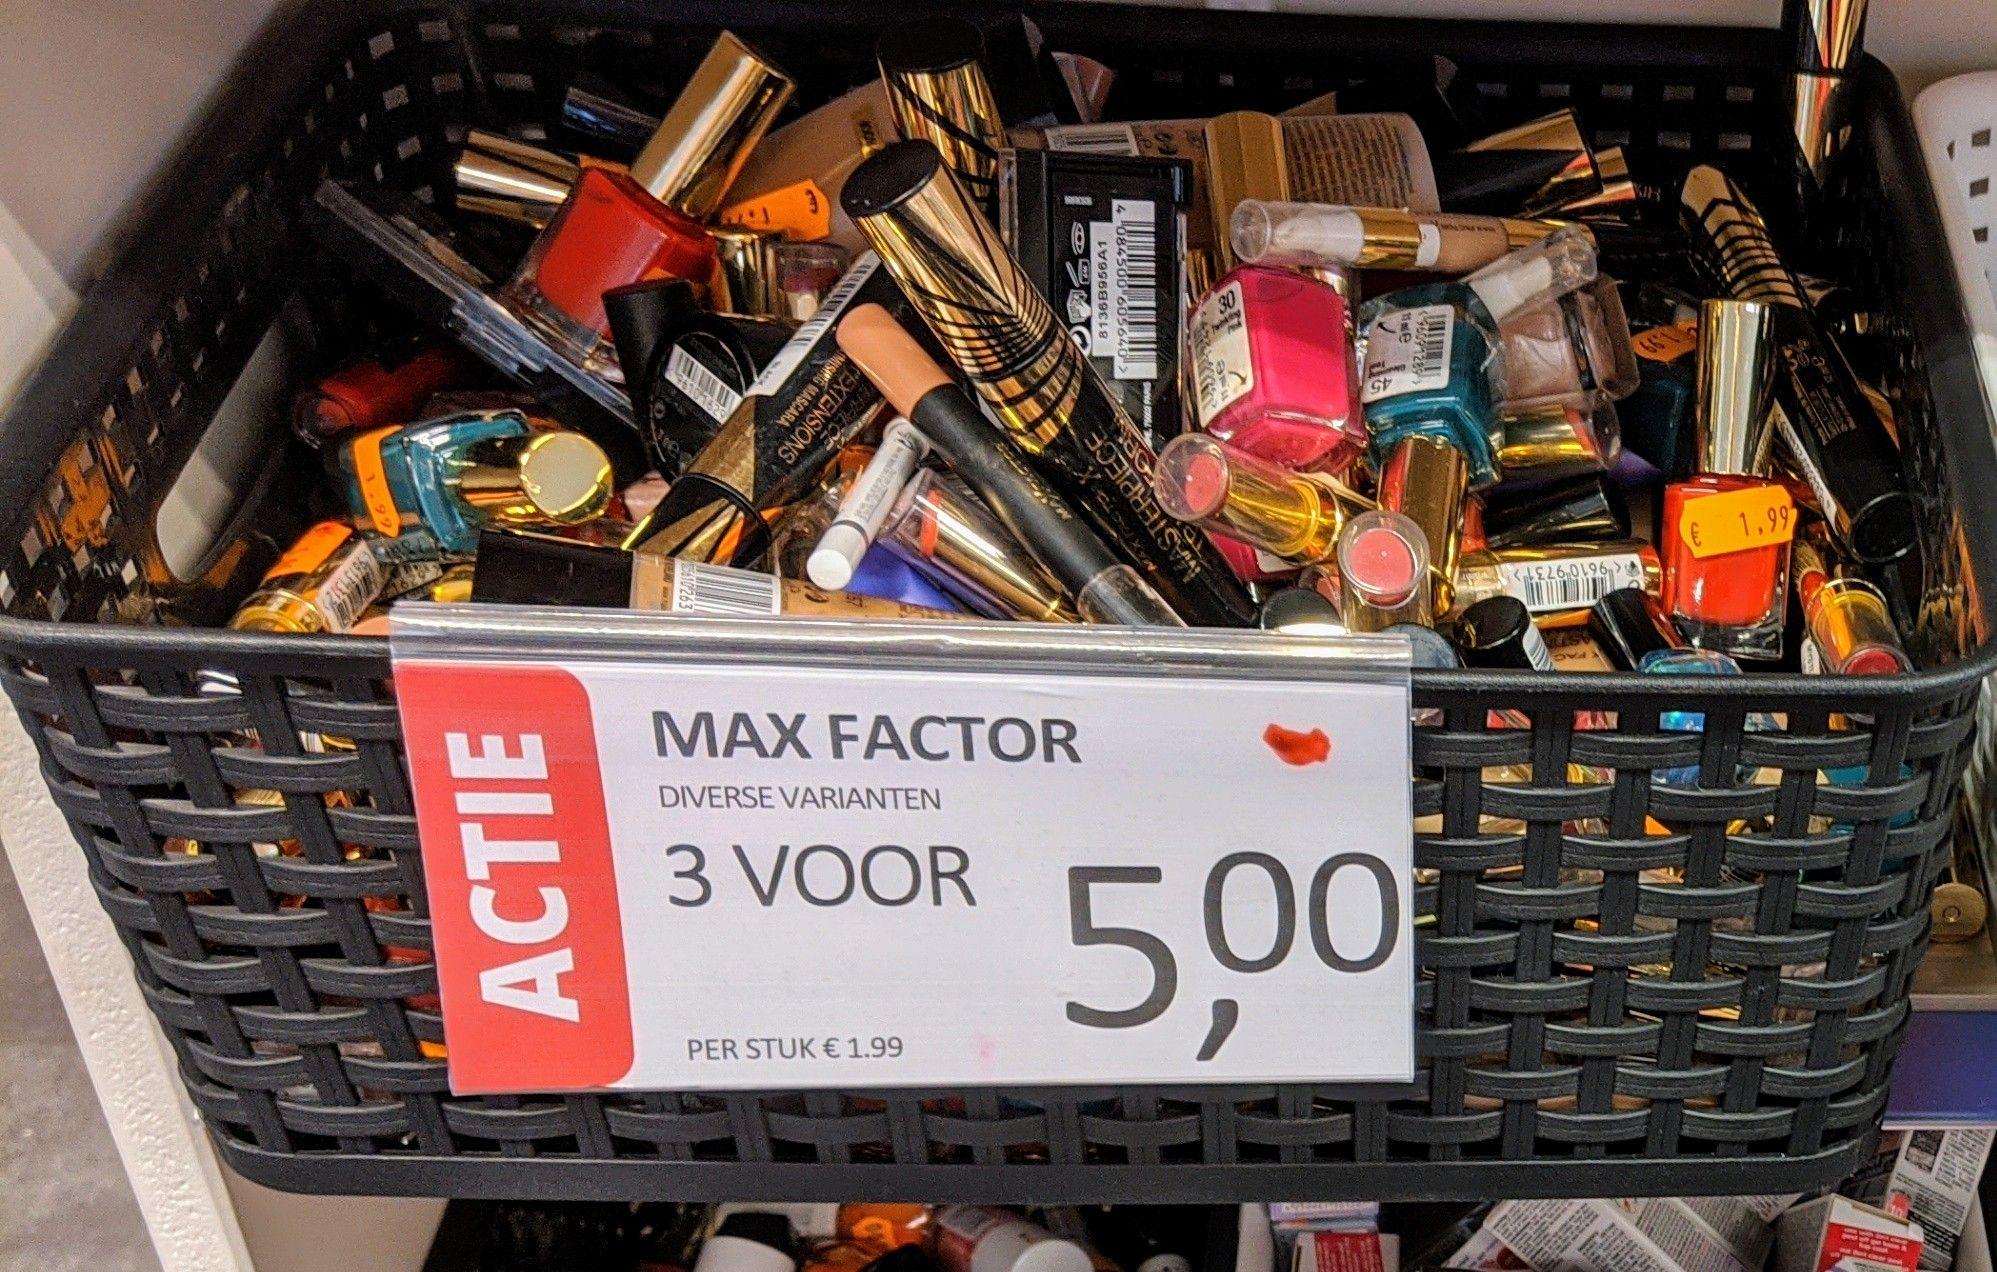 Essence gel topcoat 10 voor €1,--, diverse max factor make up 3 voor €5,--, Revlon beautyonthego €3,--, en meer